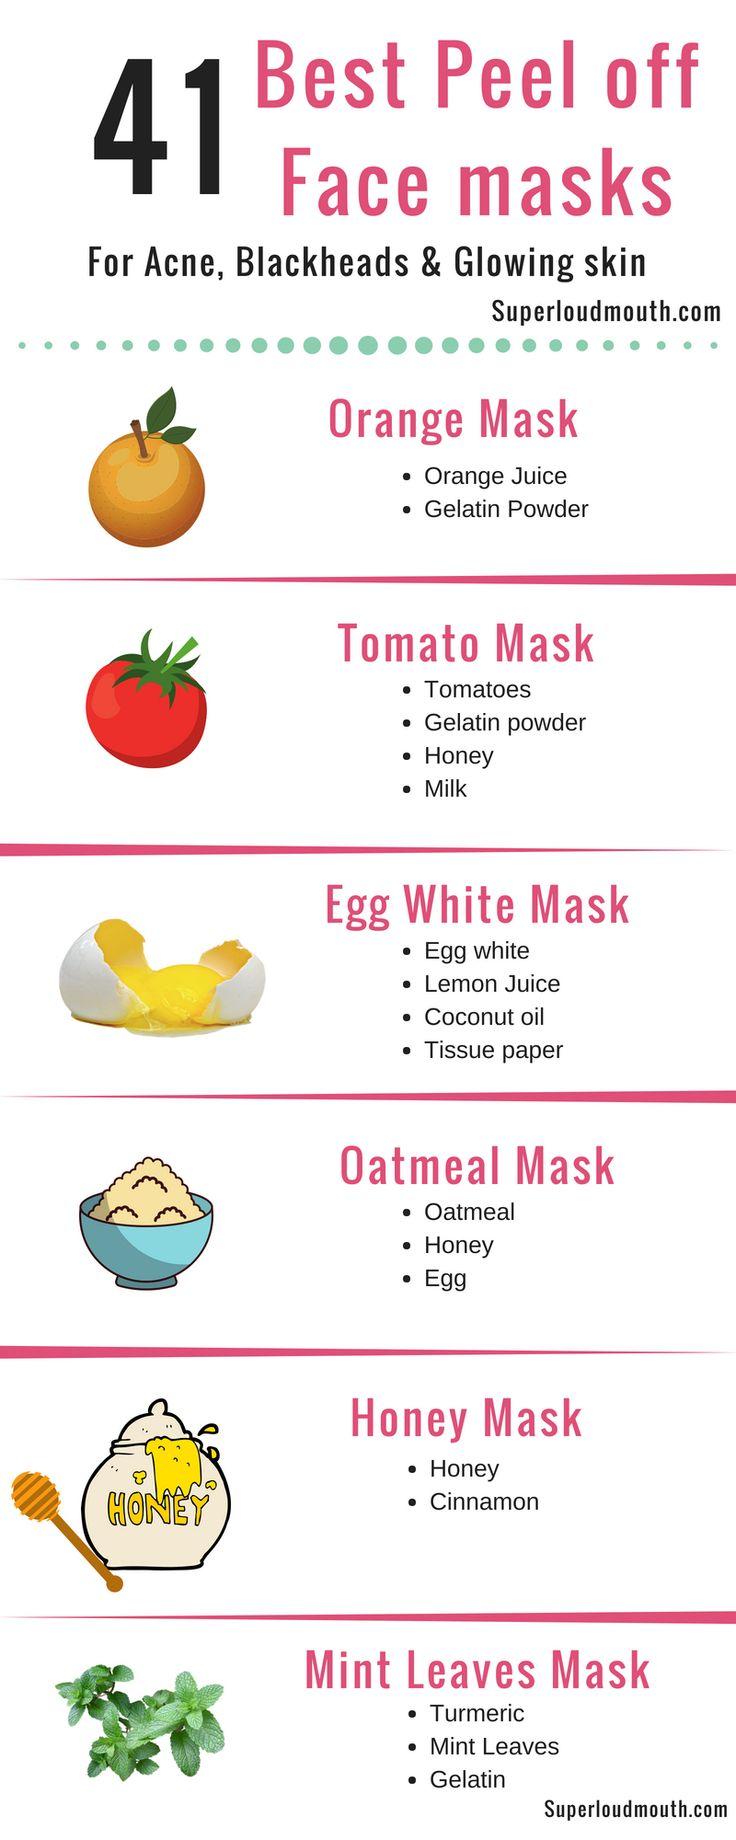 41 DIY Peel off Gesichtsmasken für Akne, Mitesser und strahlende Haut